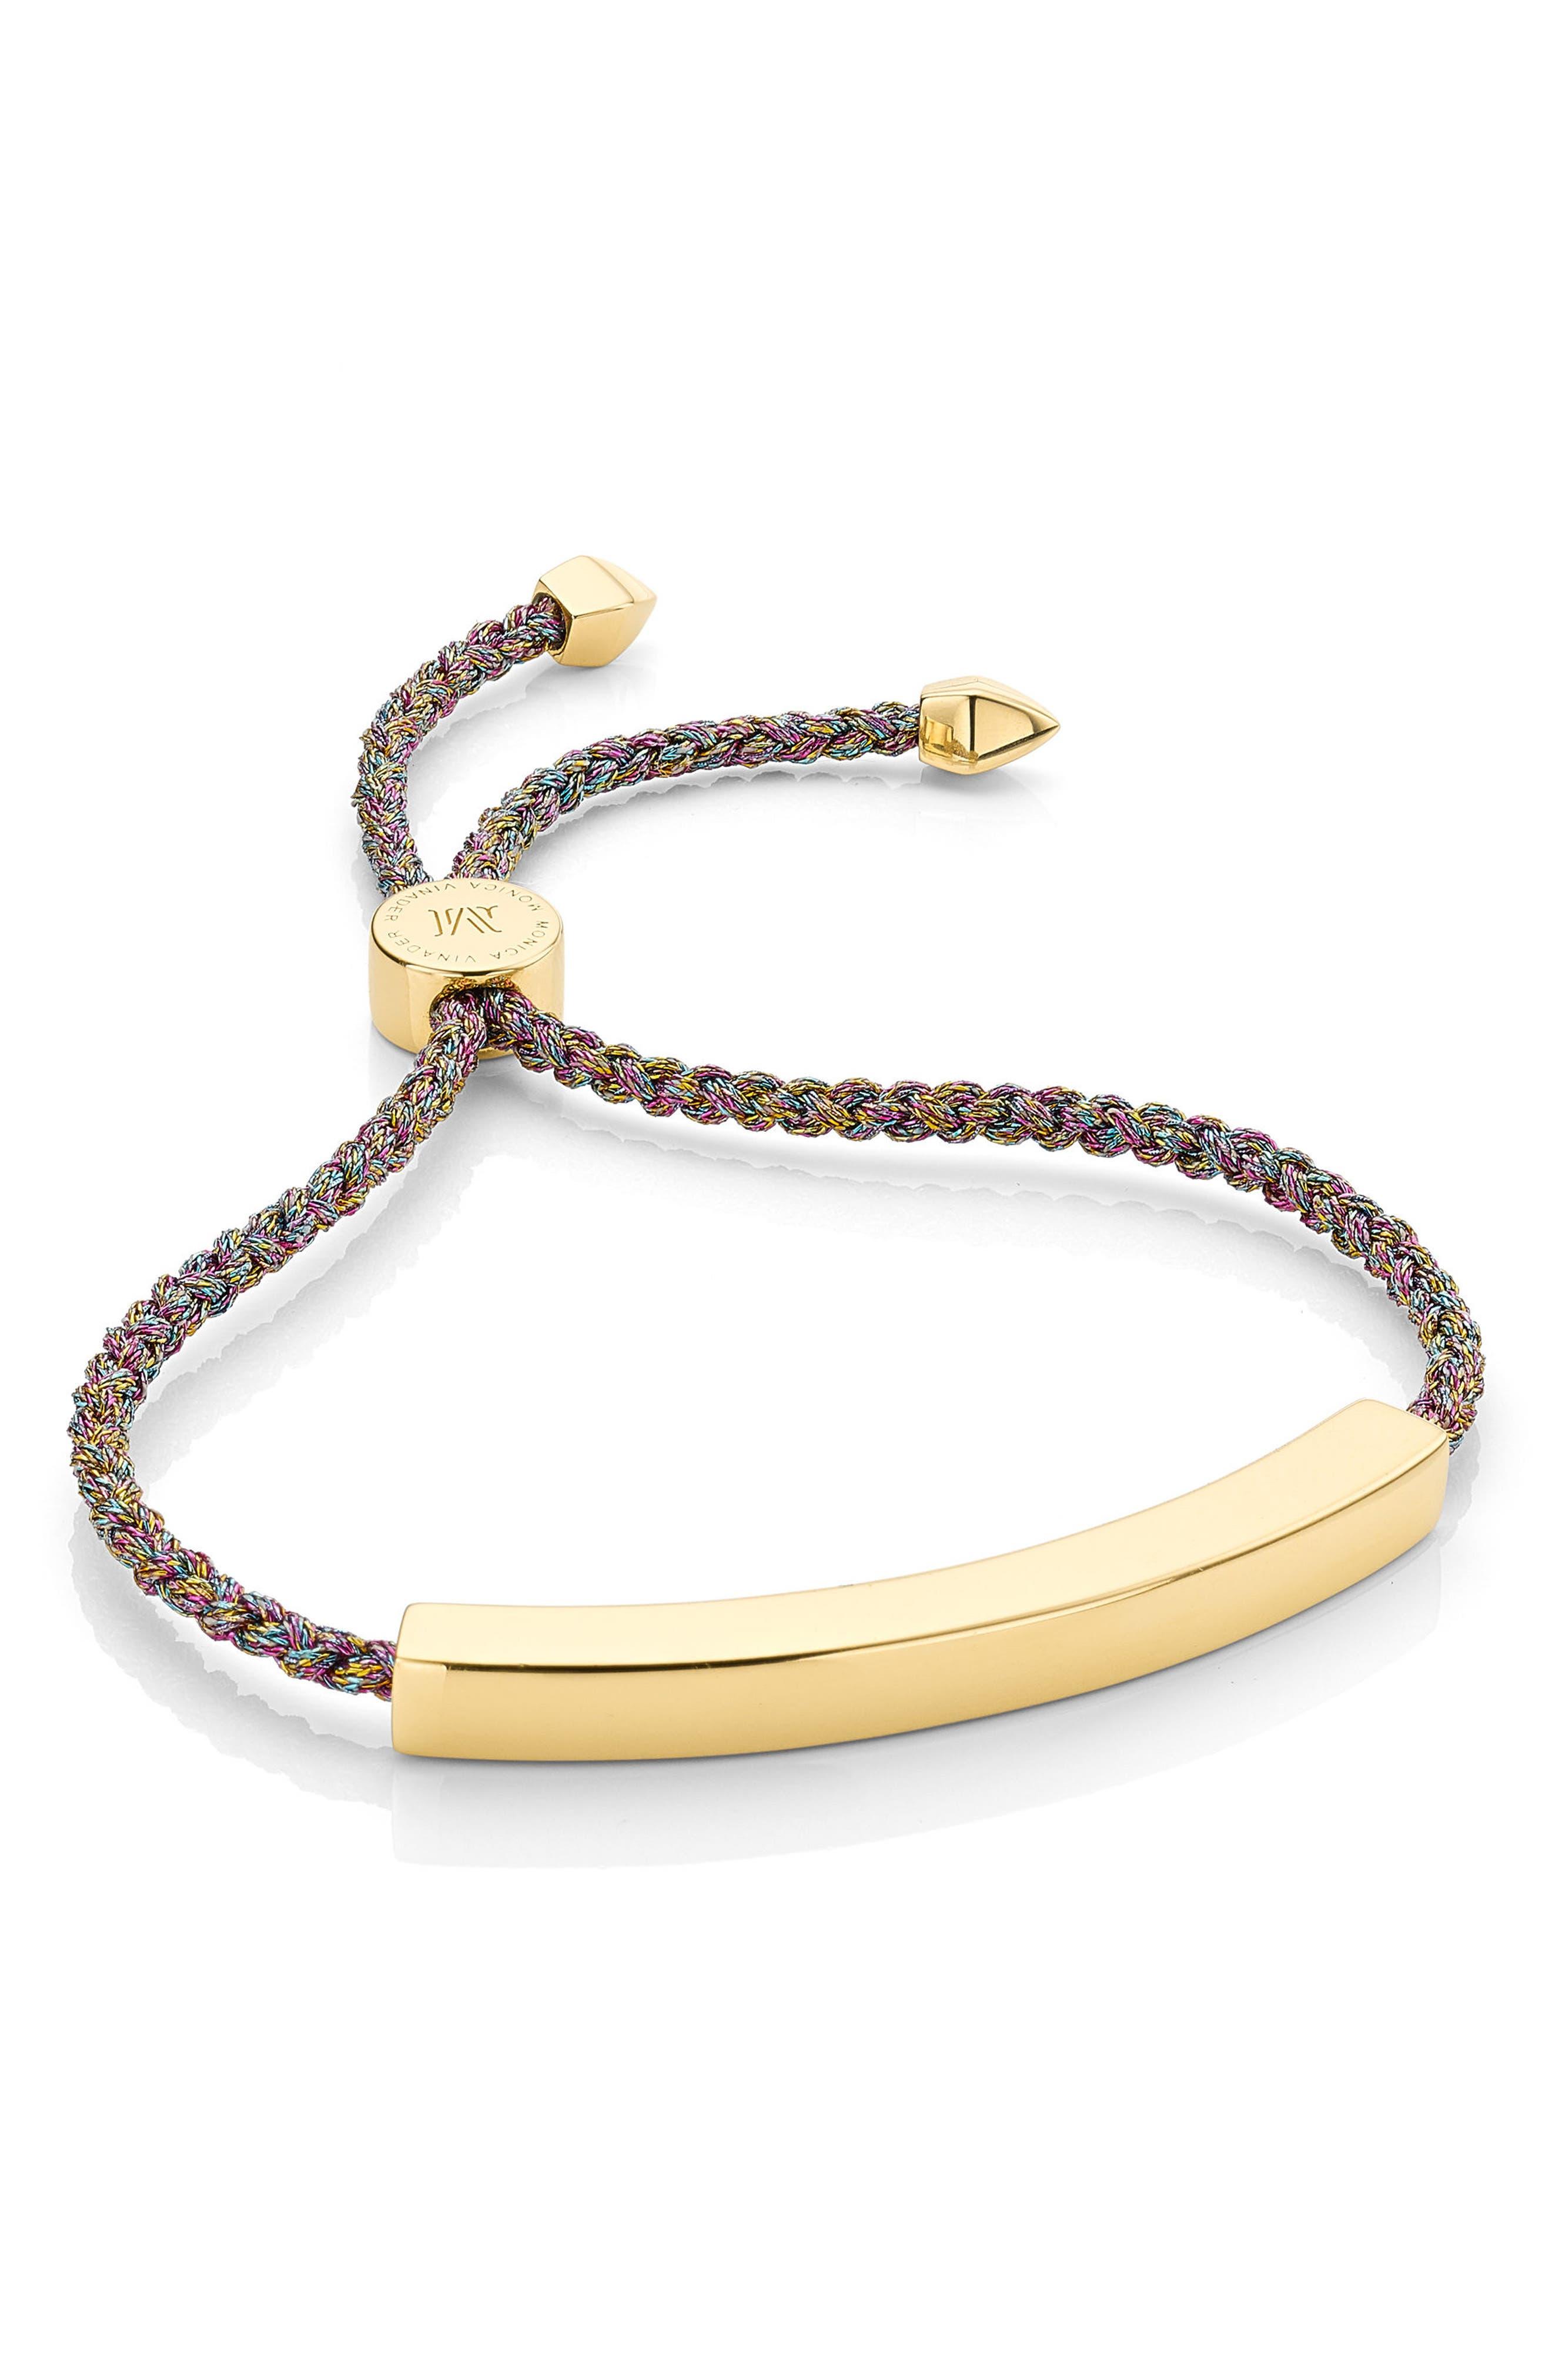 Monica Vinader Large Linear Friendship Bracelet